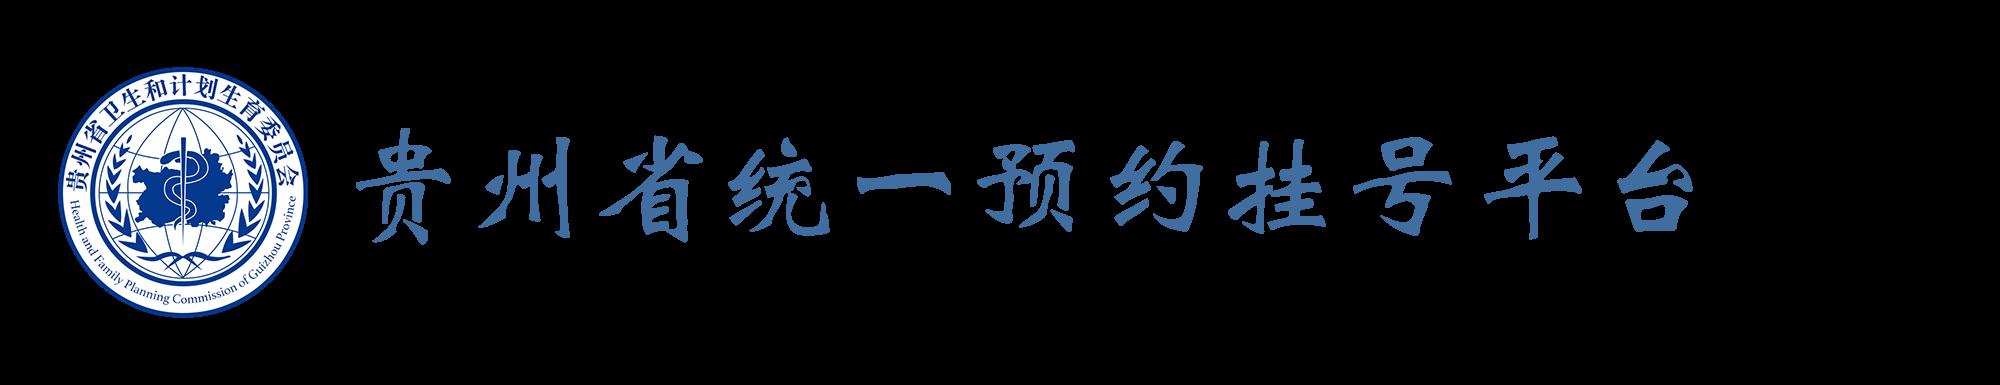 贵州省统一预约挂号平台